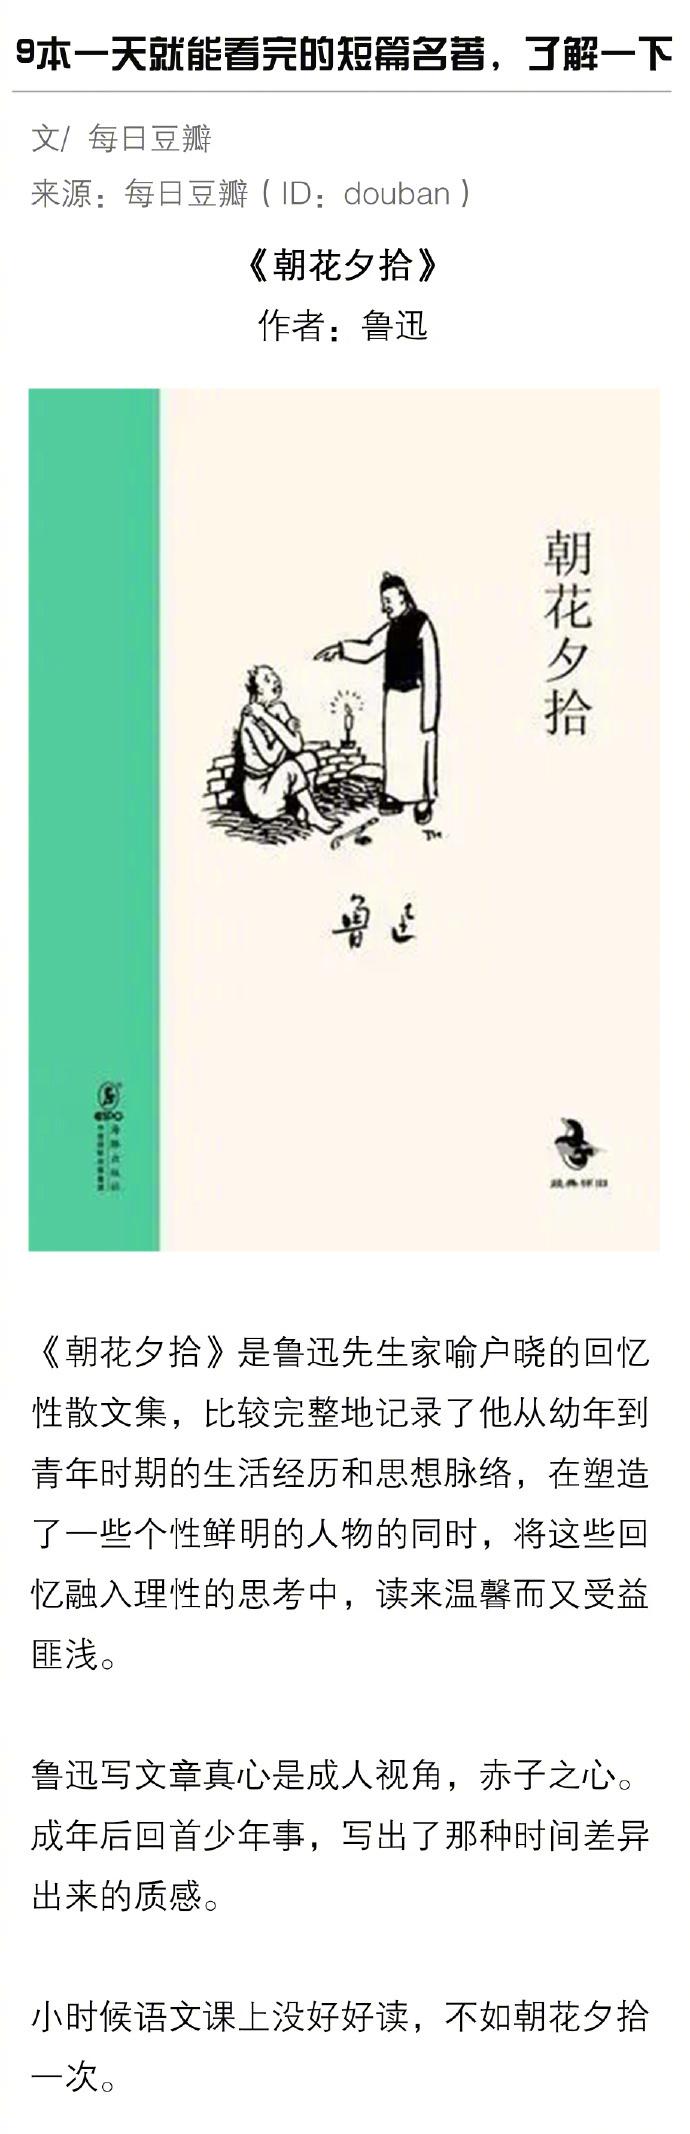 2018 青年福利微刊第 110 期:别瞎猜了